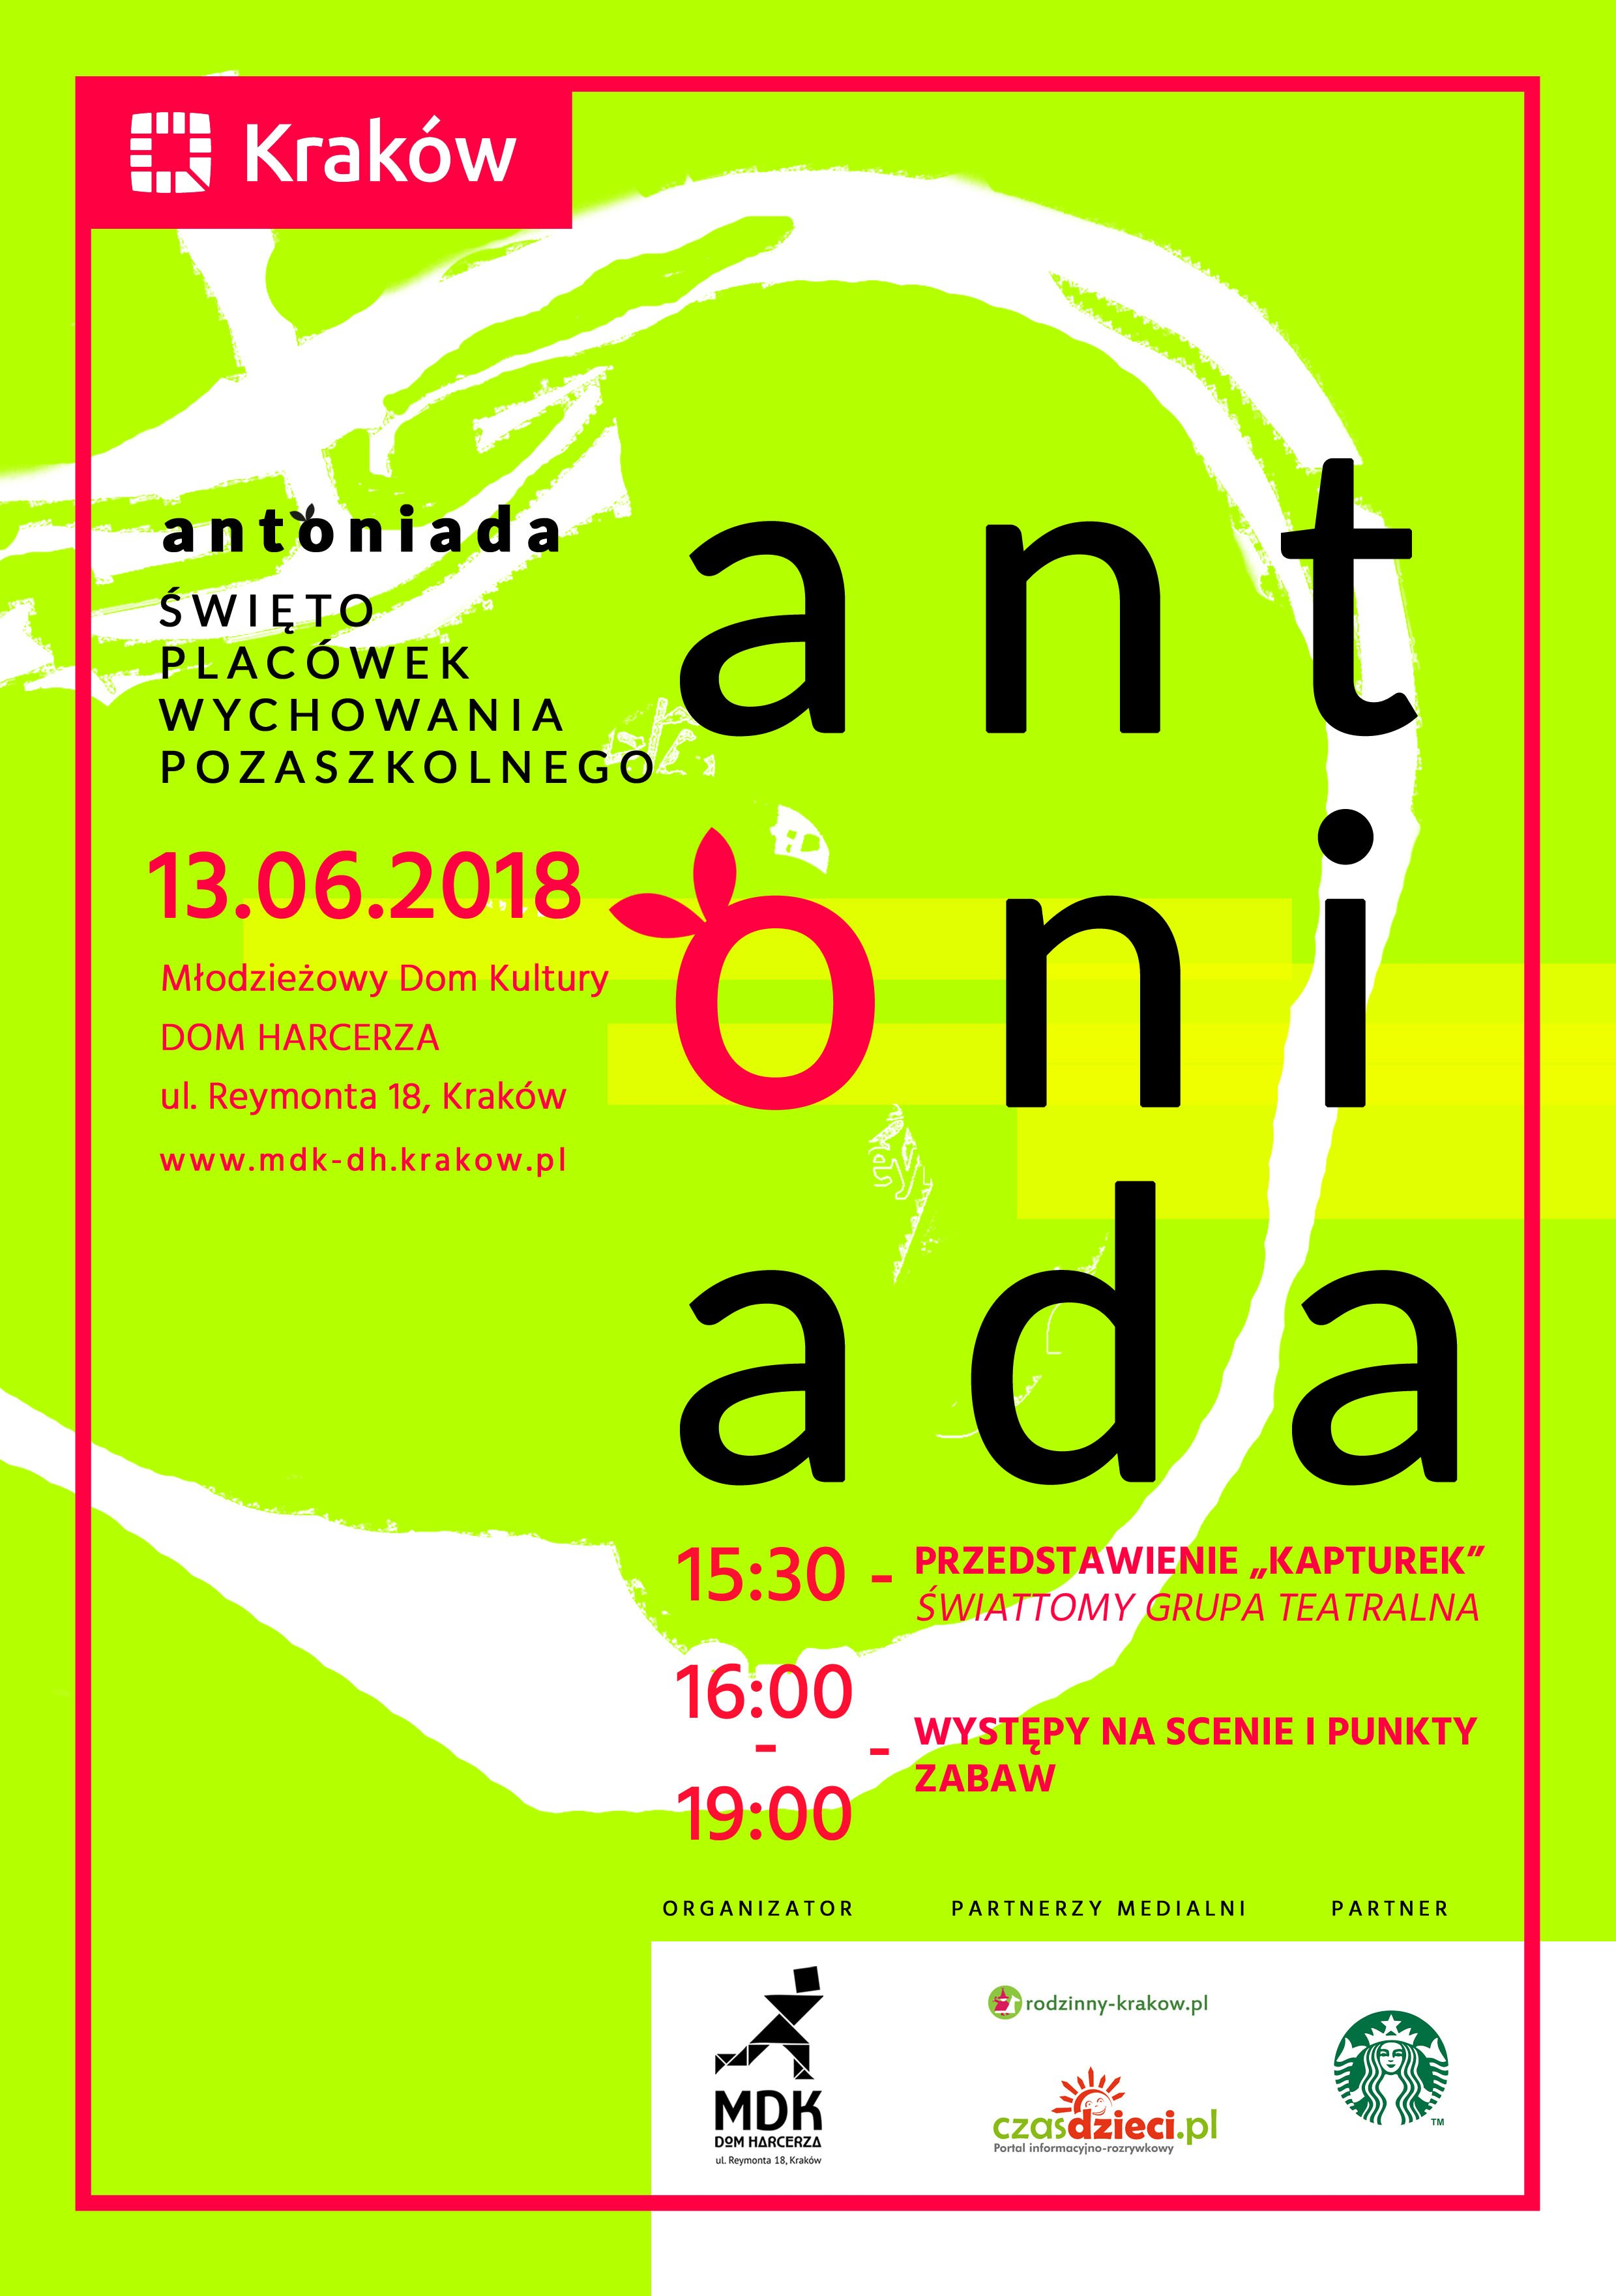 Antoniada - Święto Placówek Wychowania Pozaszkolnego